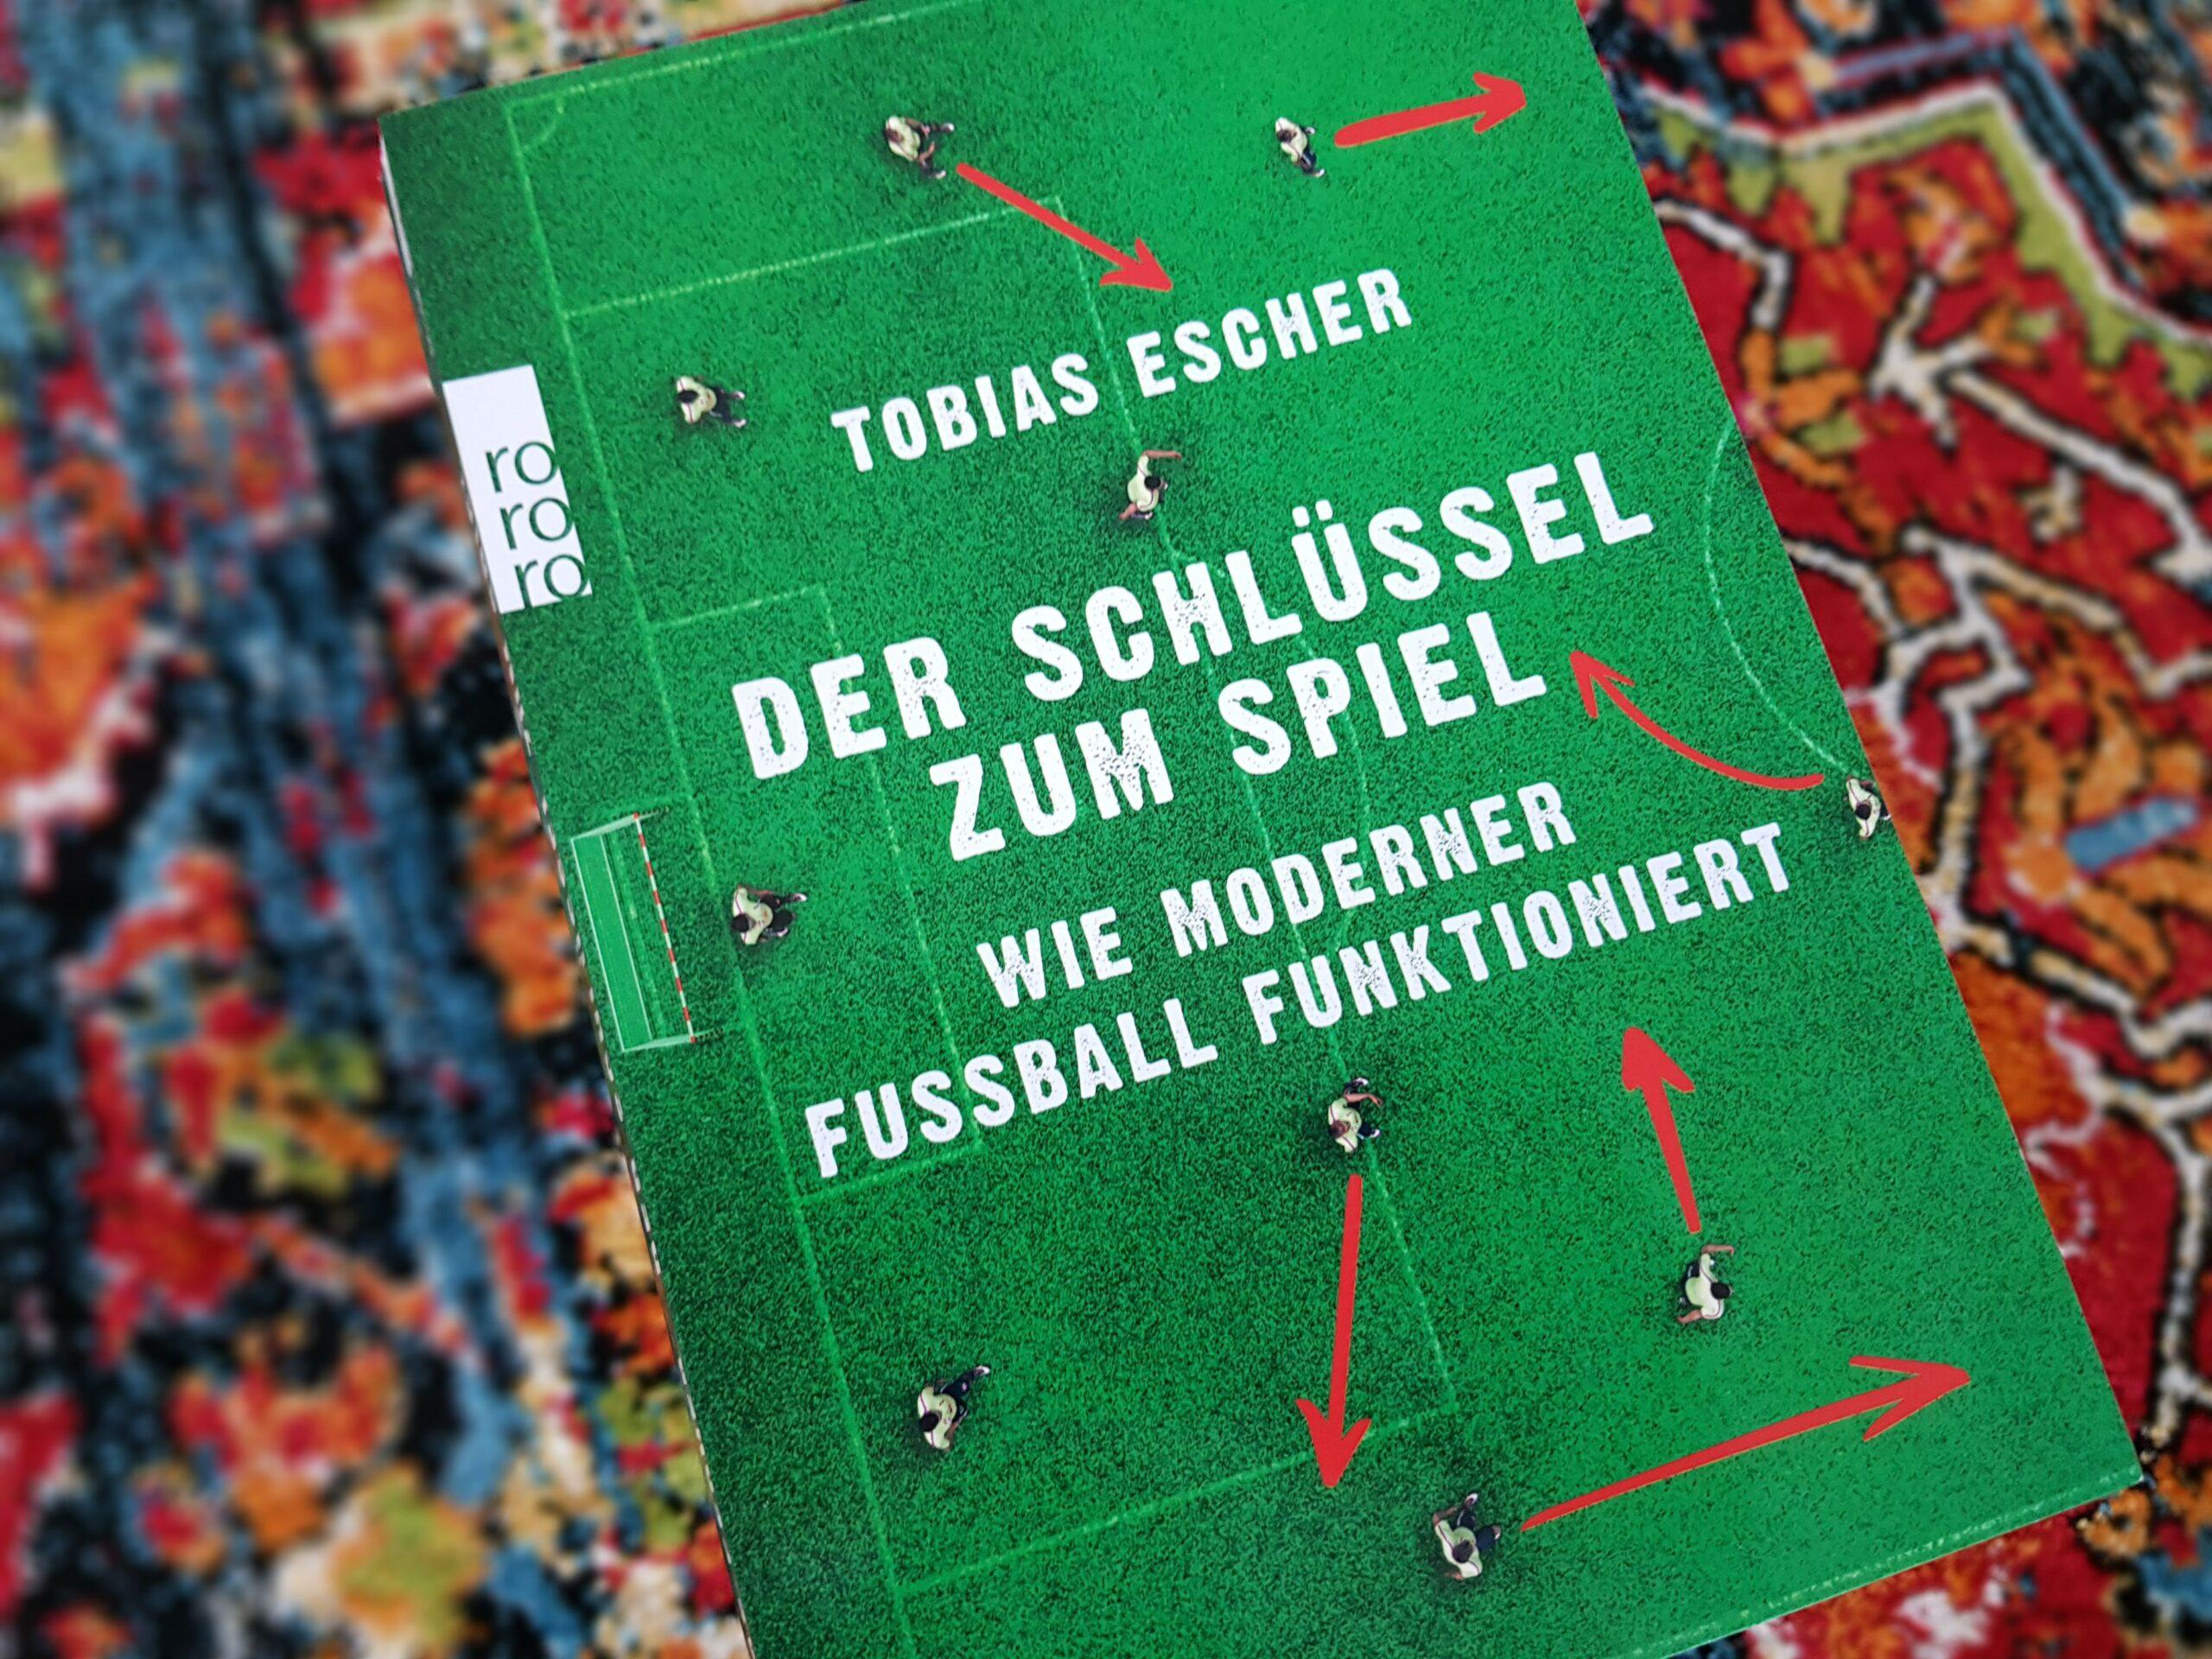 Tobias Escher: Der Schlüssel zum Spiel – Wie moderner Fußball funktioniert